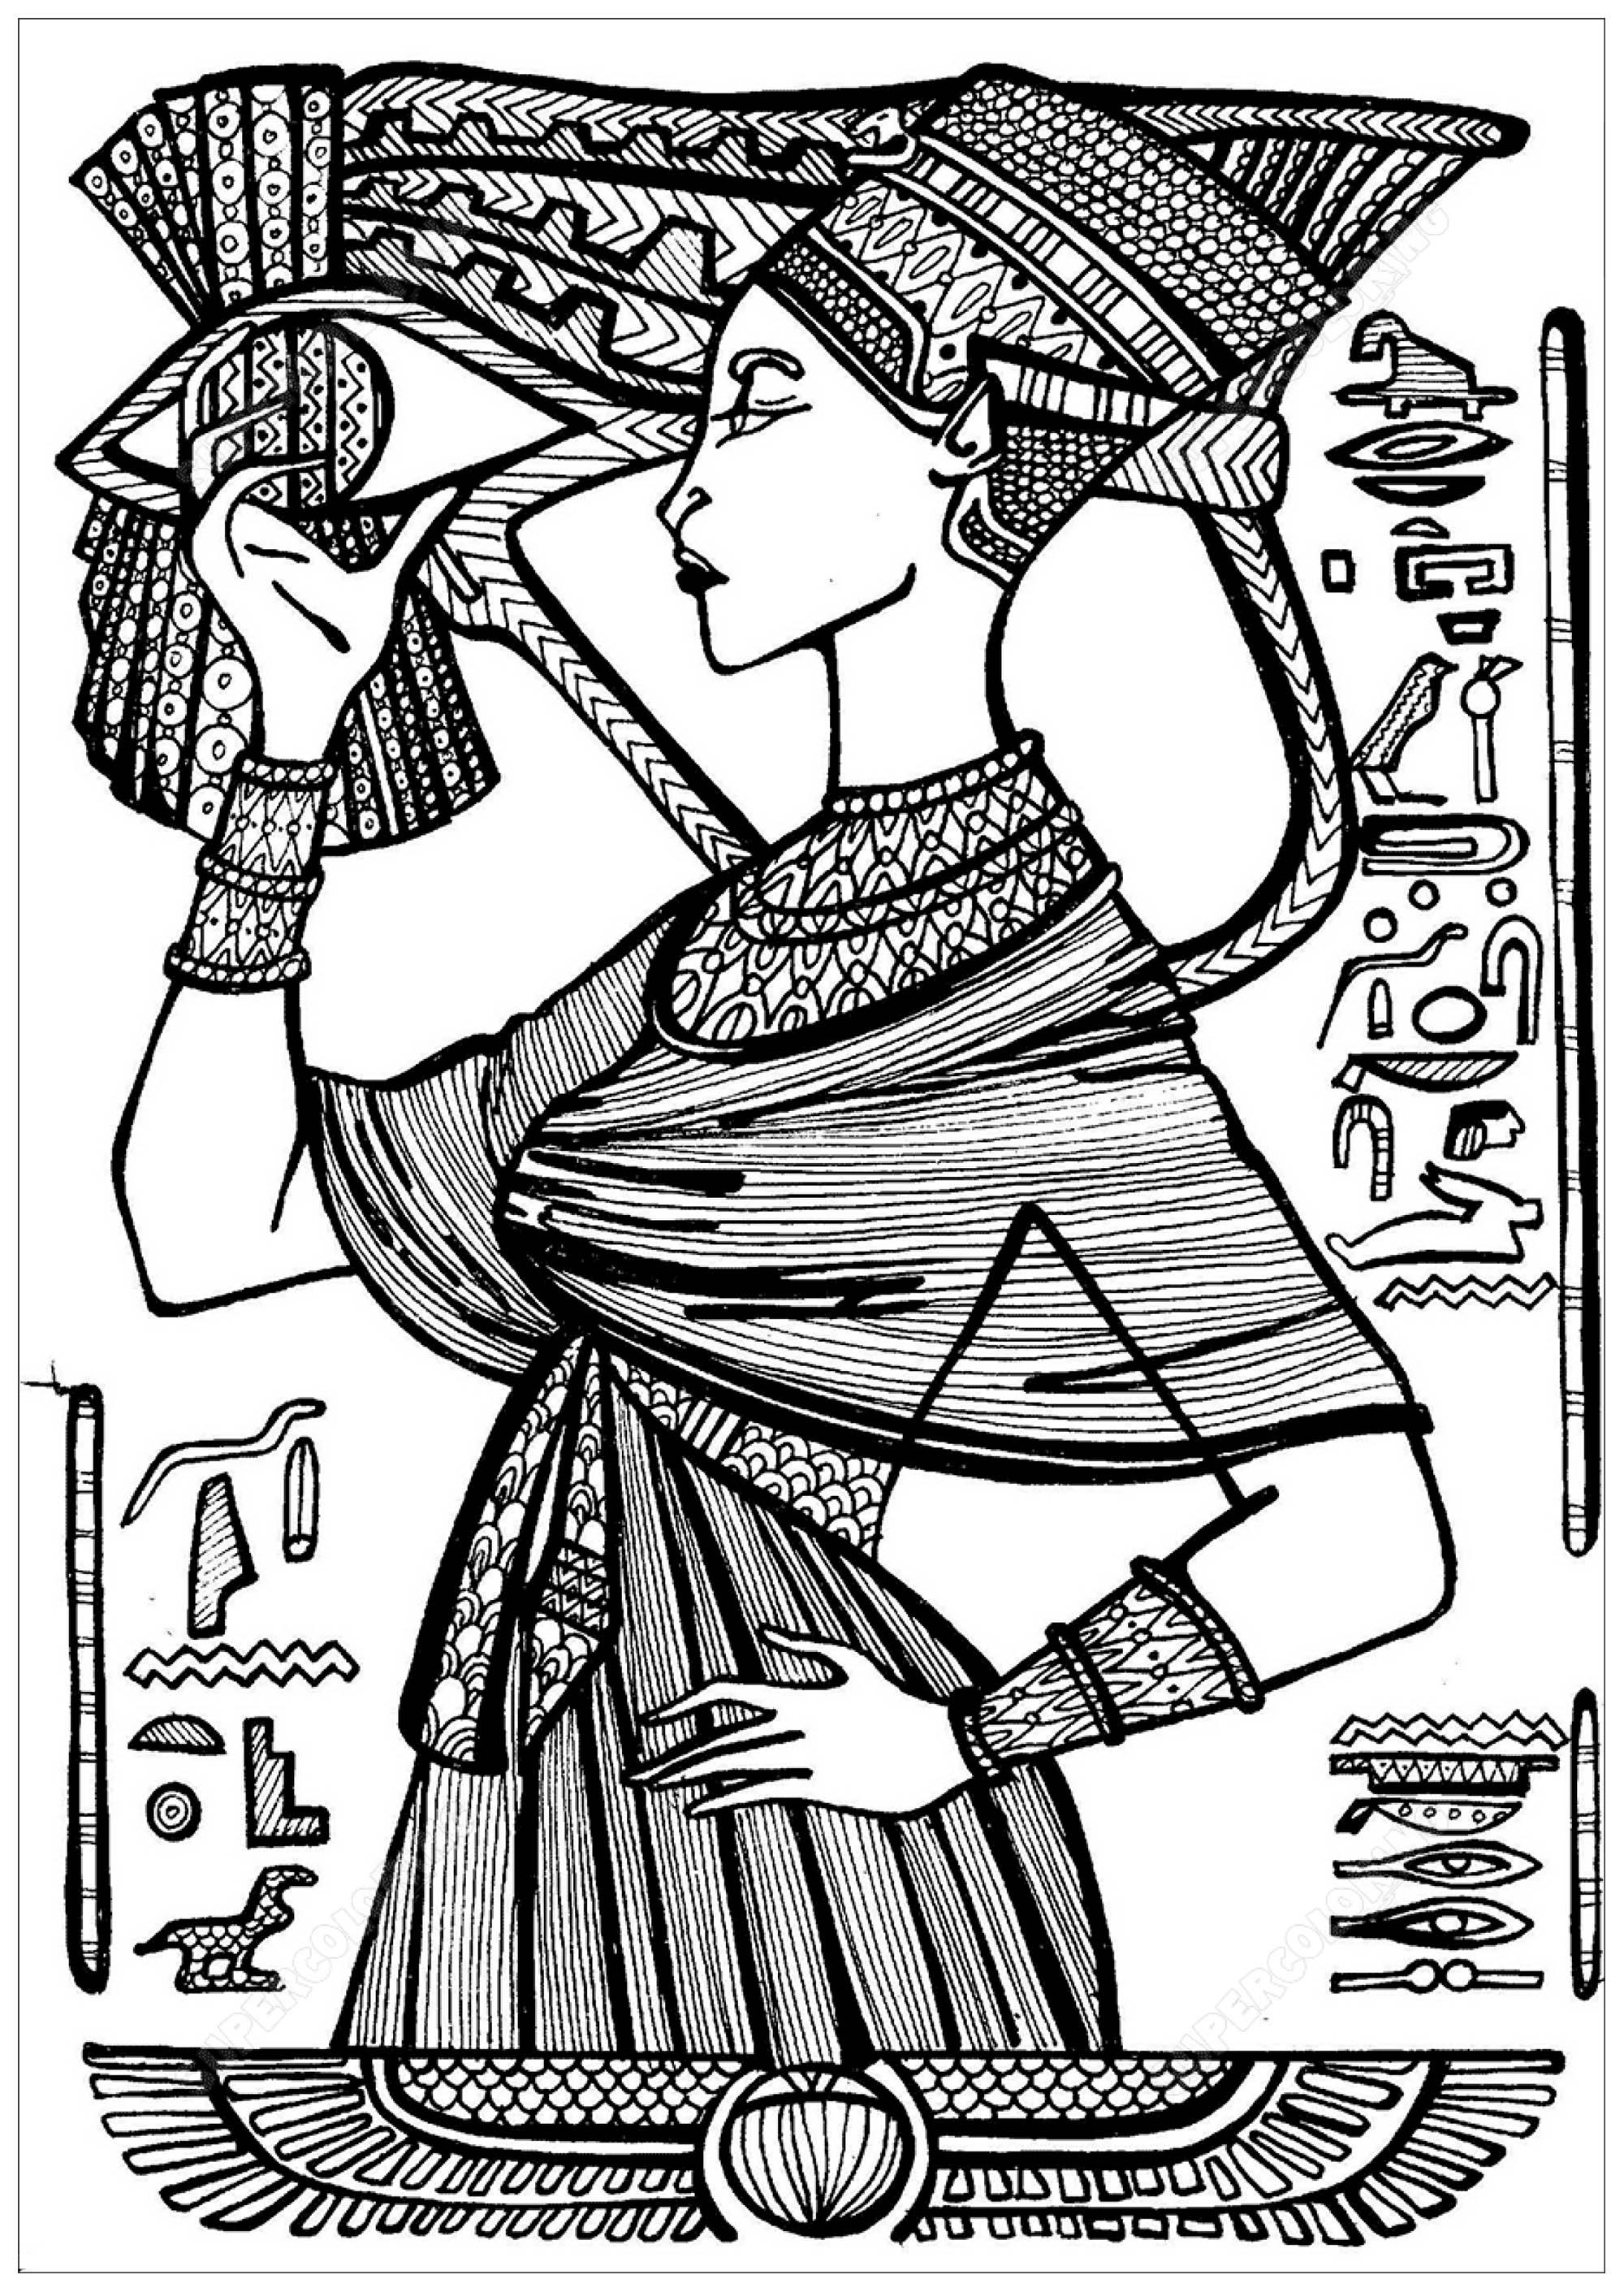 Disegni da colorare per adulti : Egitto & Geroglifici - 3